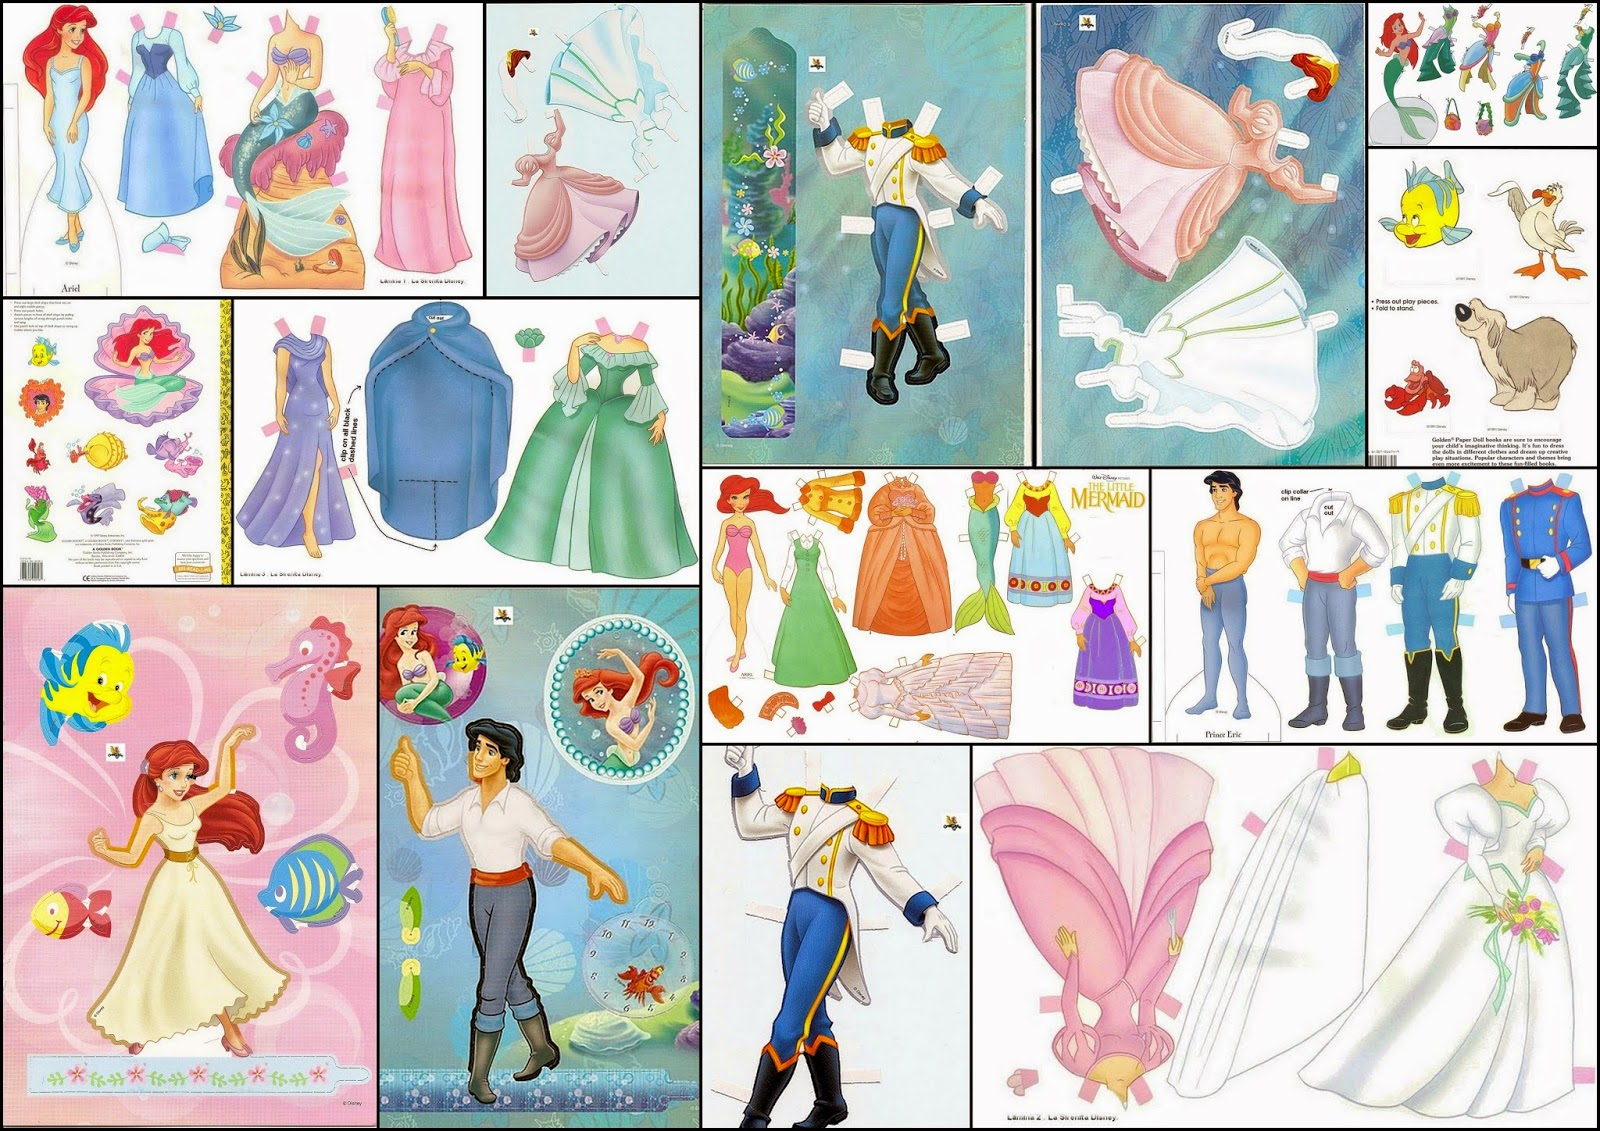 La Sirenita: Muñecas Recortables para Imprimir Gratis.